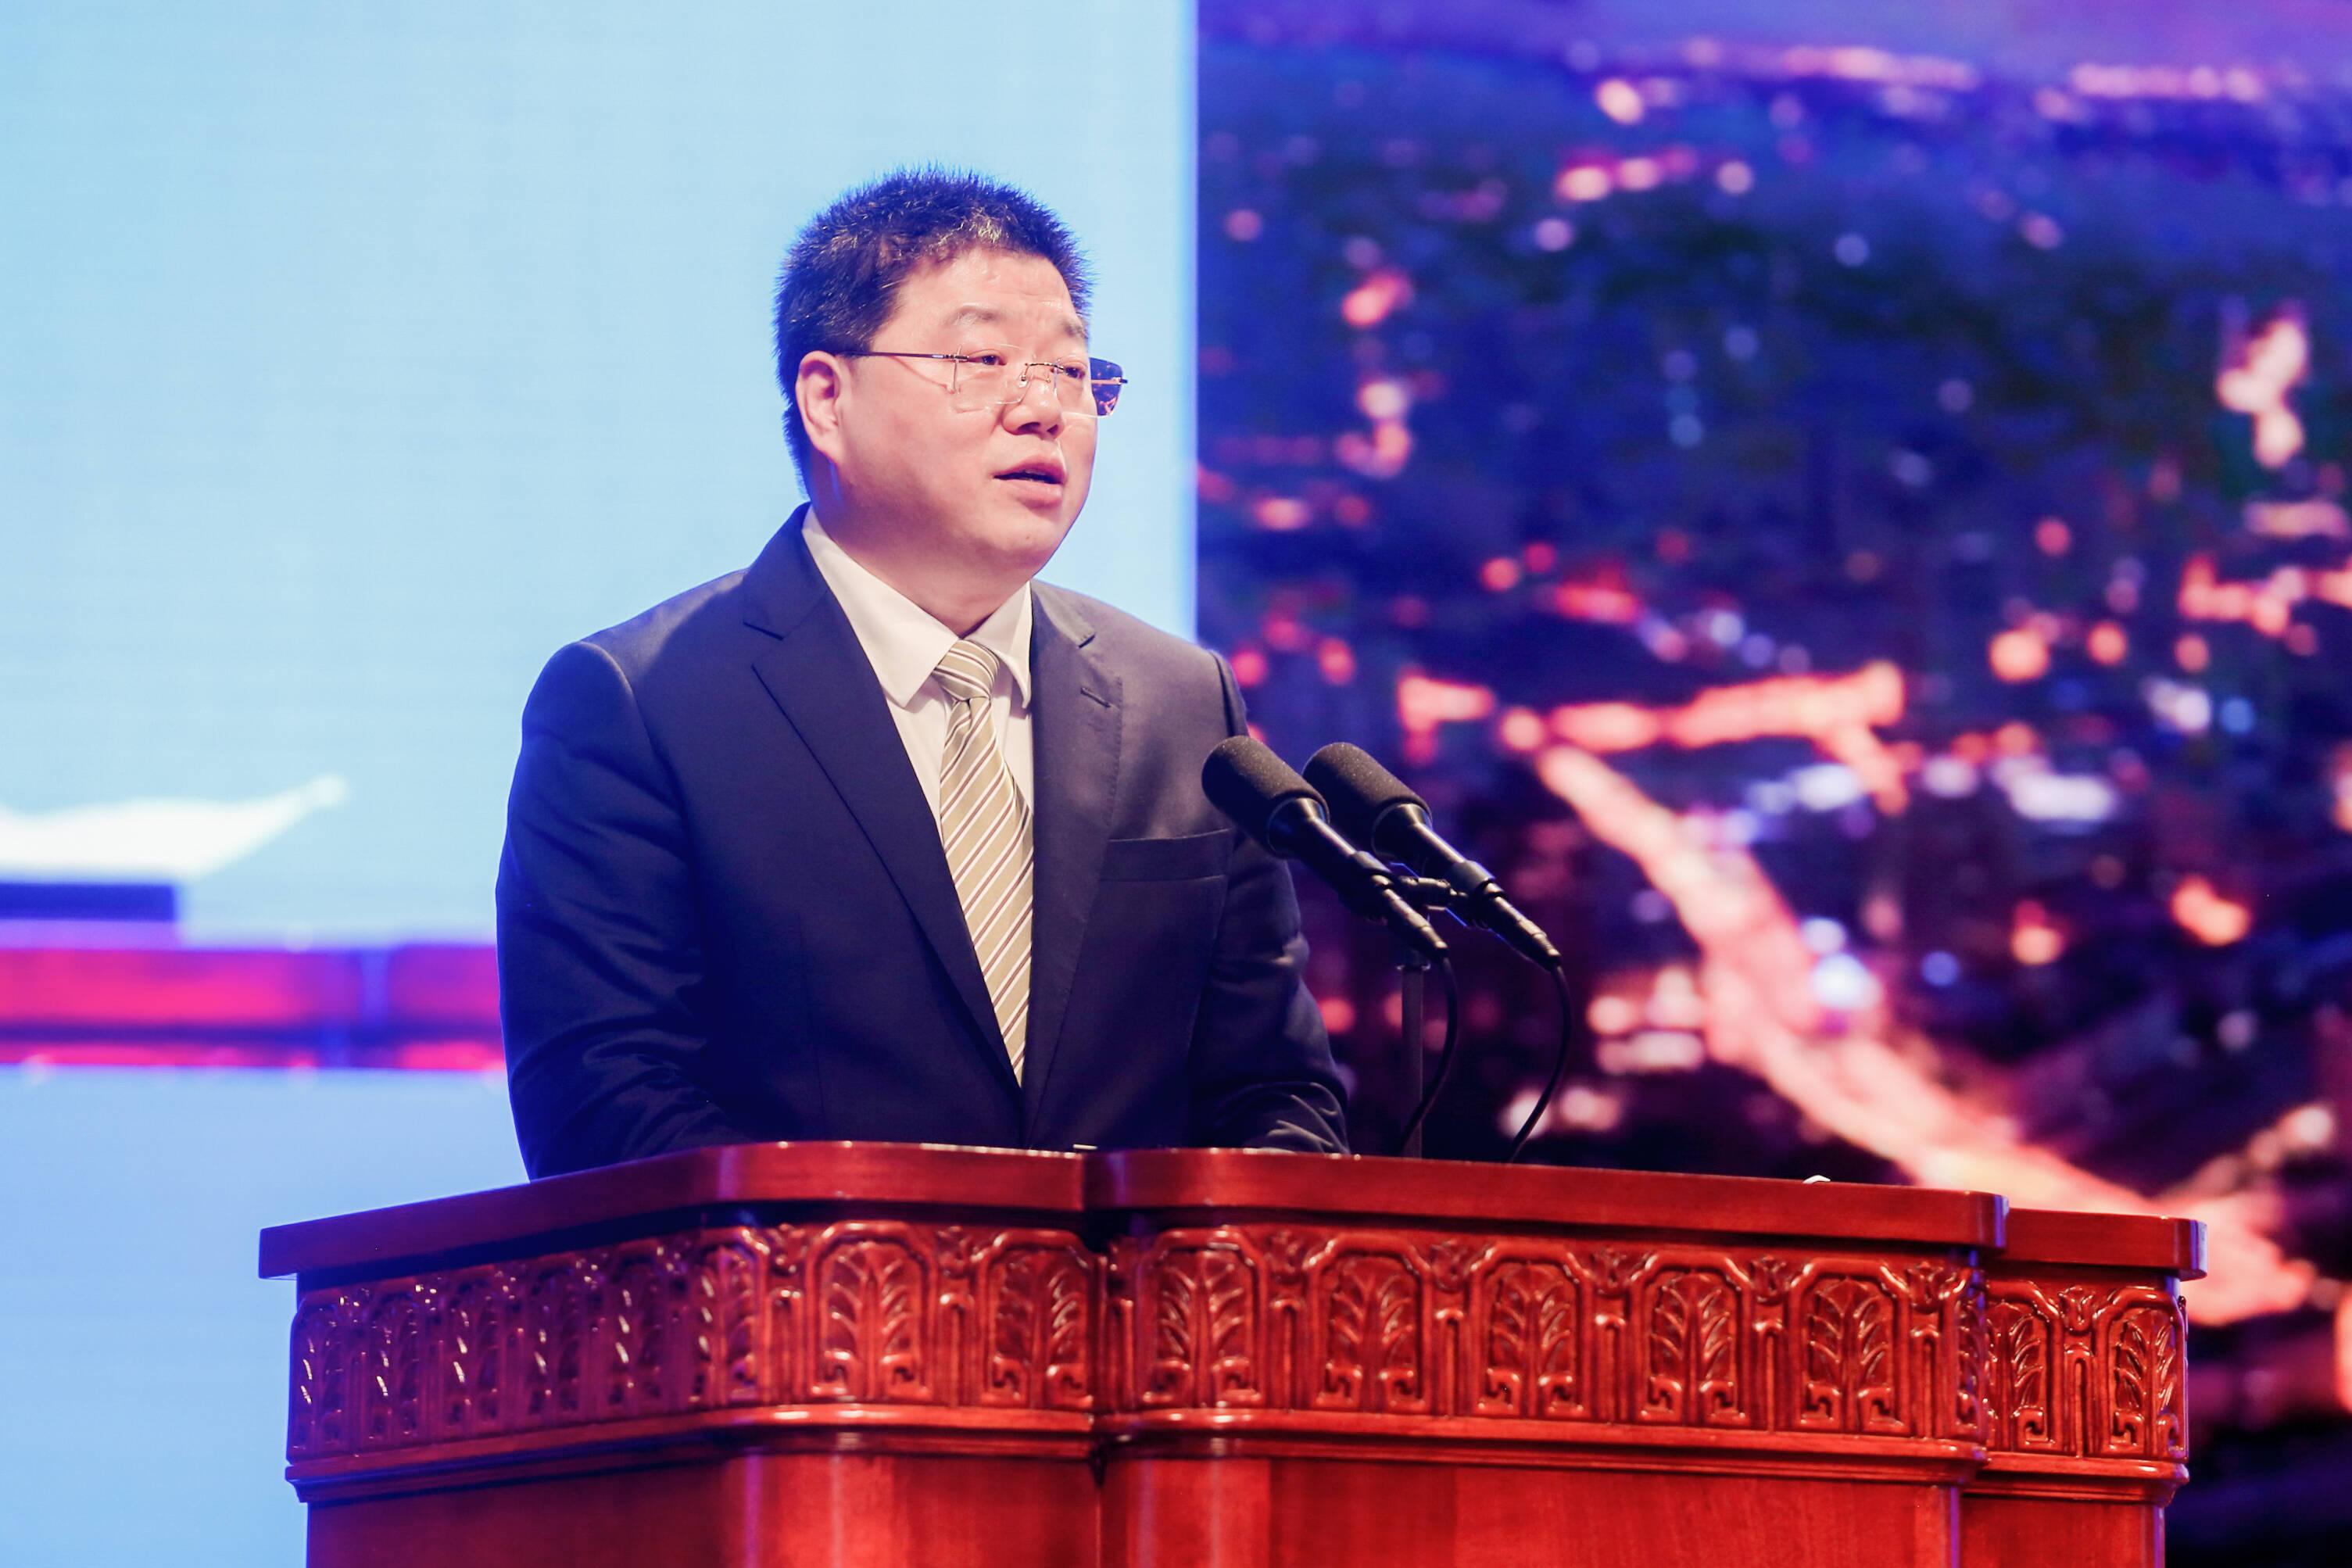 中国民间商会副会长、奥盛集团董事长汤亮:瞄准未来市场,将科技创新落在实处